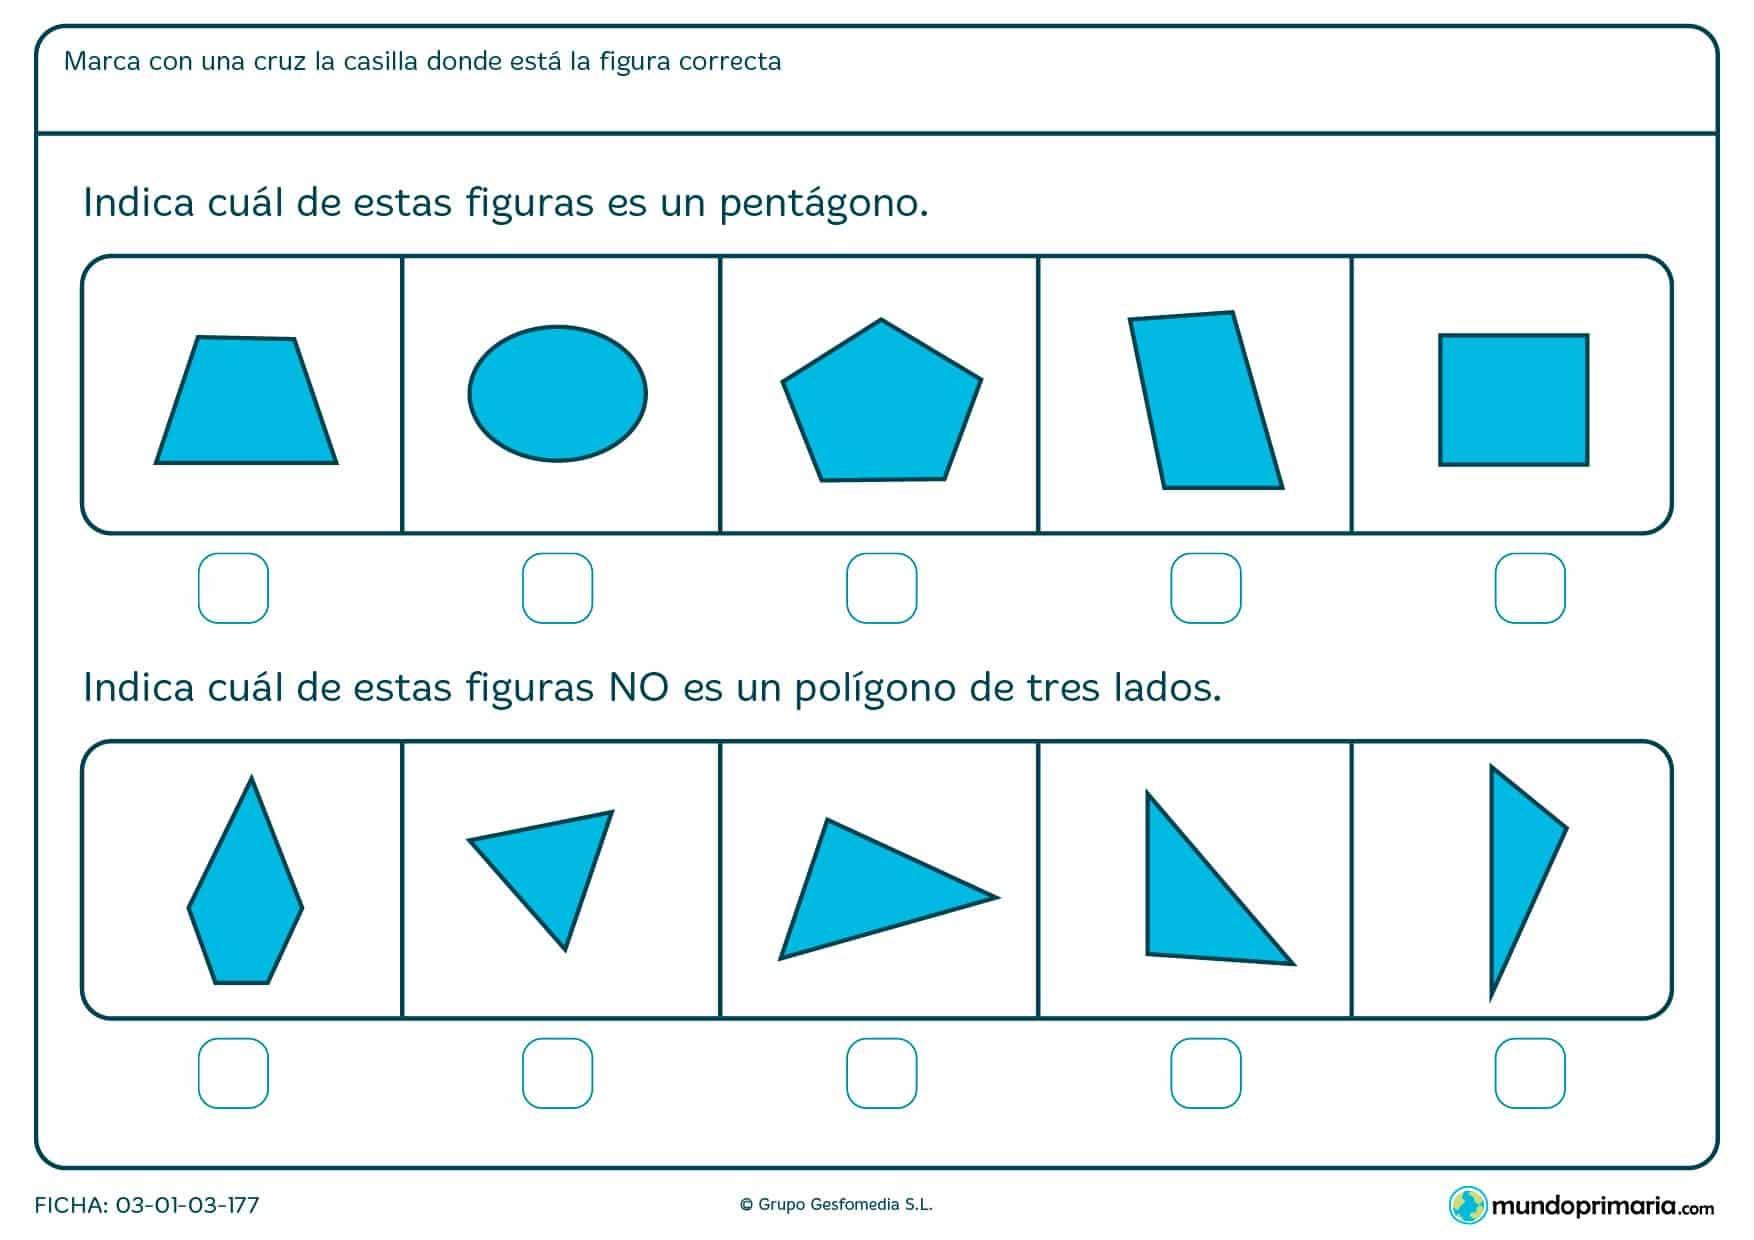 Ficha de pentágonos para niños de 6 años con refuerzo escolar